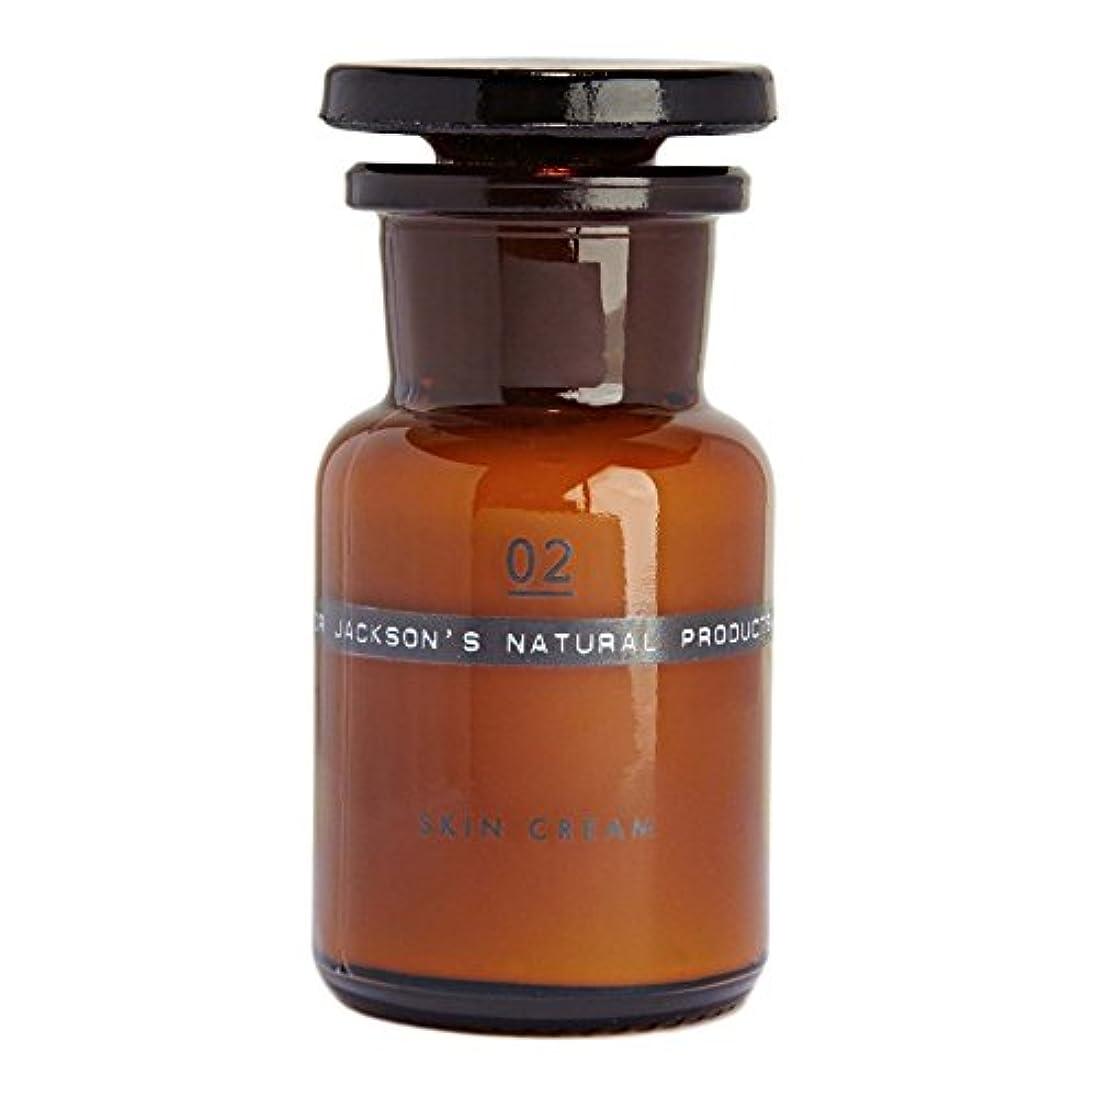 謎めいたボウリングパイプDr Jackson's 02 Skin Cream 50ml (Pack of 6) - ジャクソンの02スキンクリーム50ミリリットル x6 [並行輸入品]